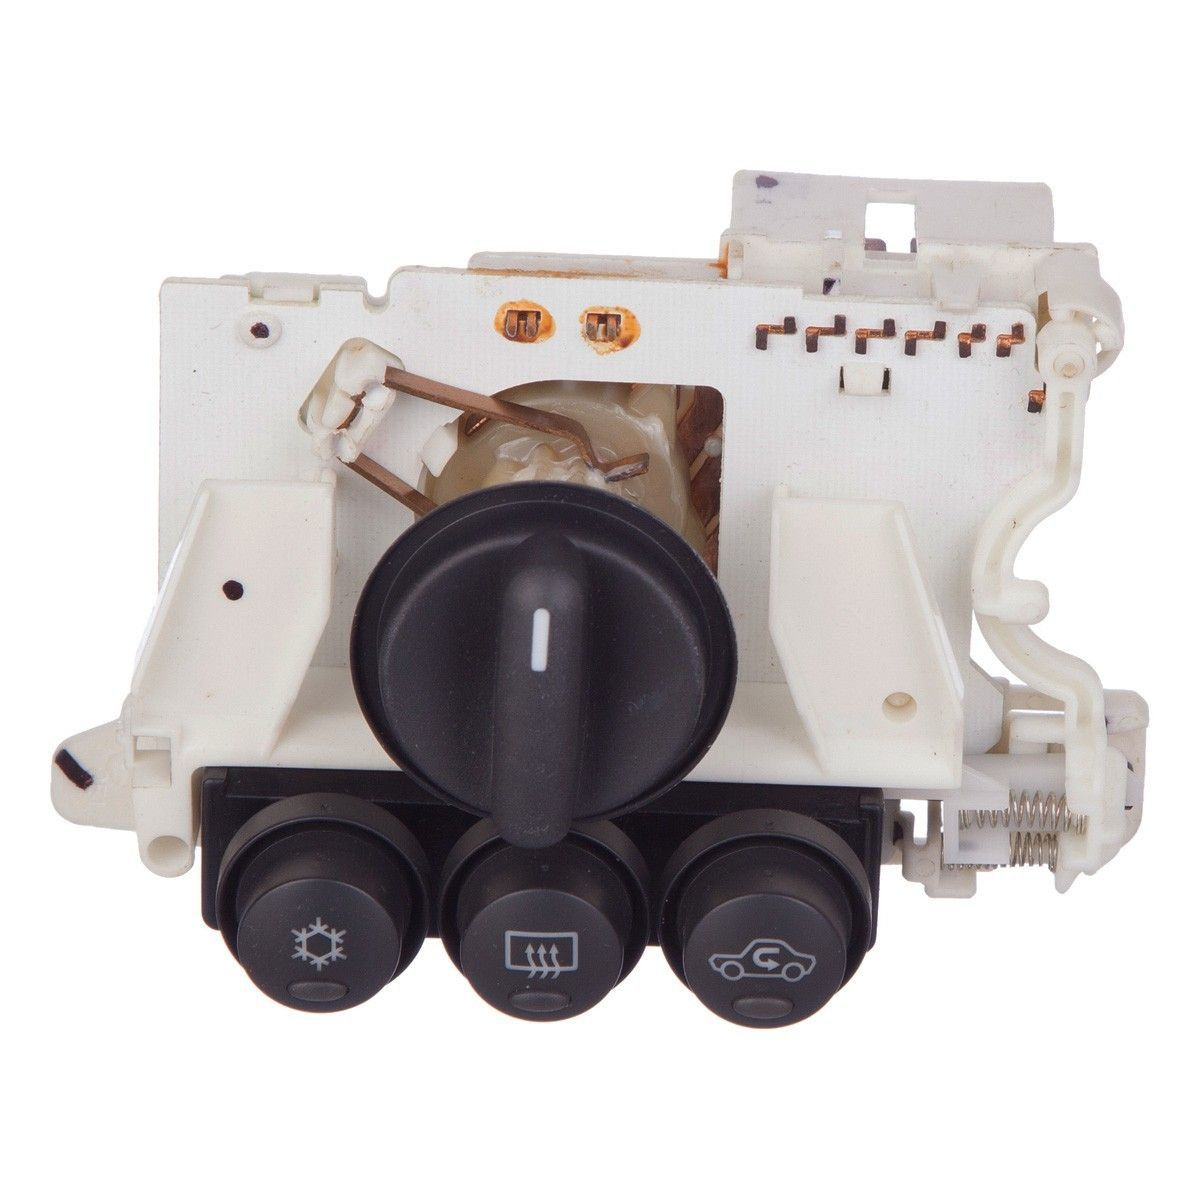 Controle da ventilacao - Corsa novo 2002 a 2012